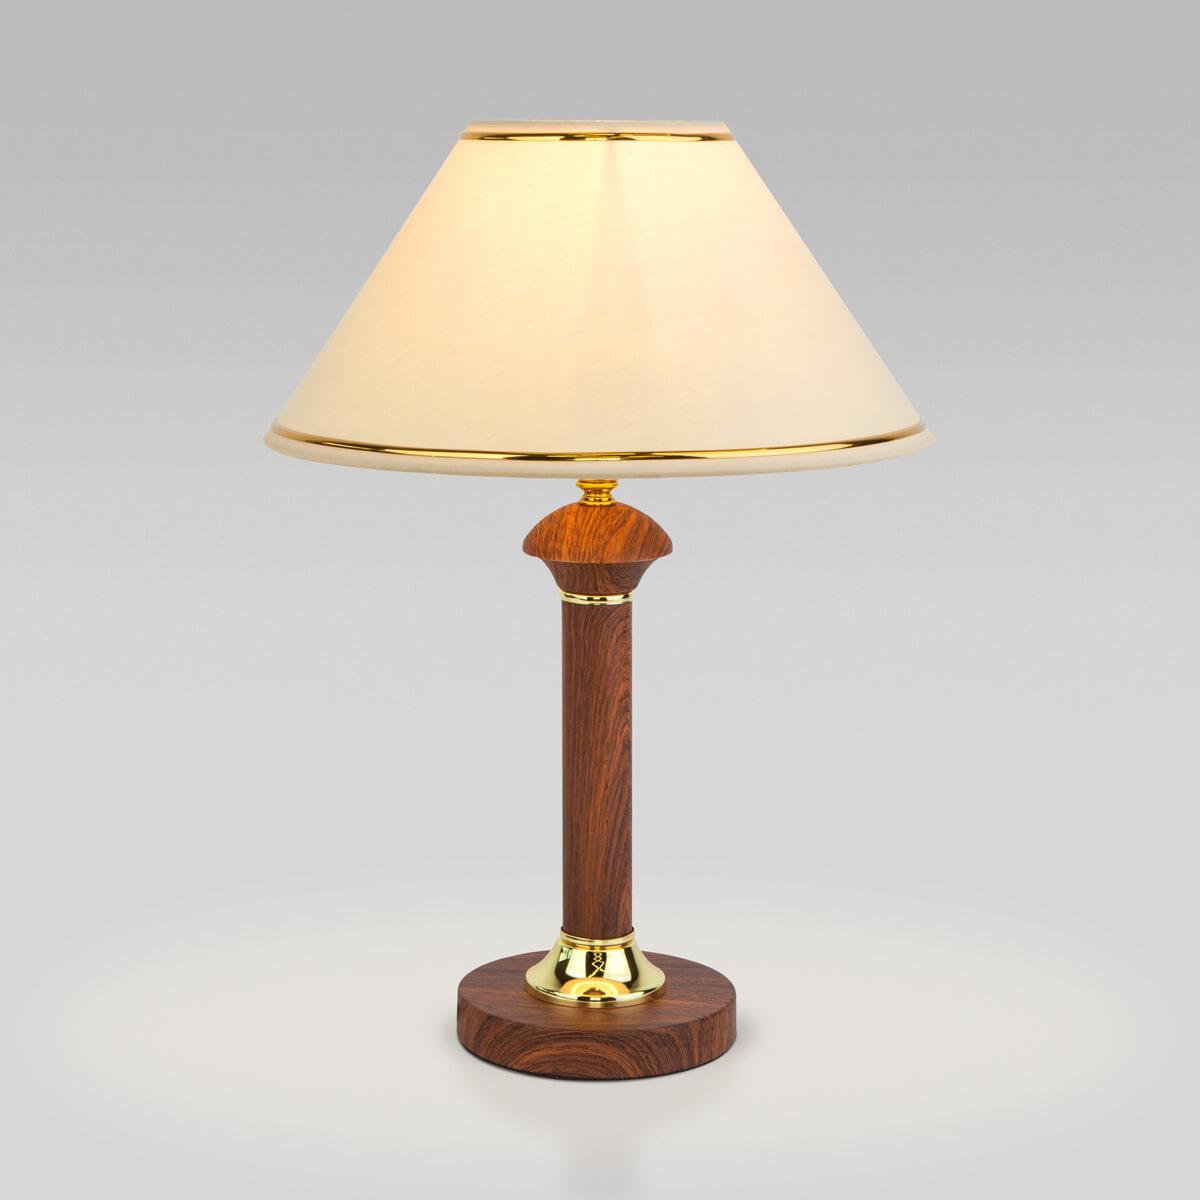 Настольная лампа Eurosvet 60019/1 орех Lorenzo